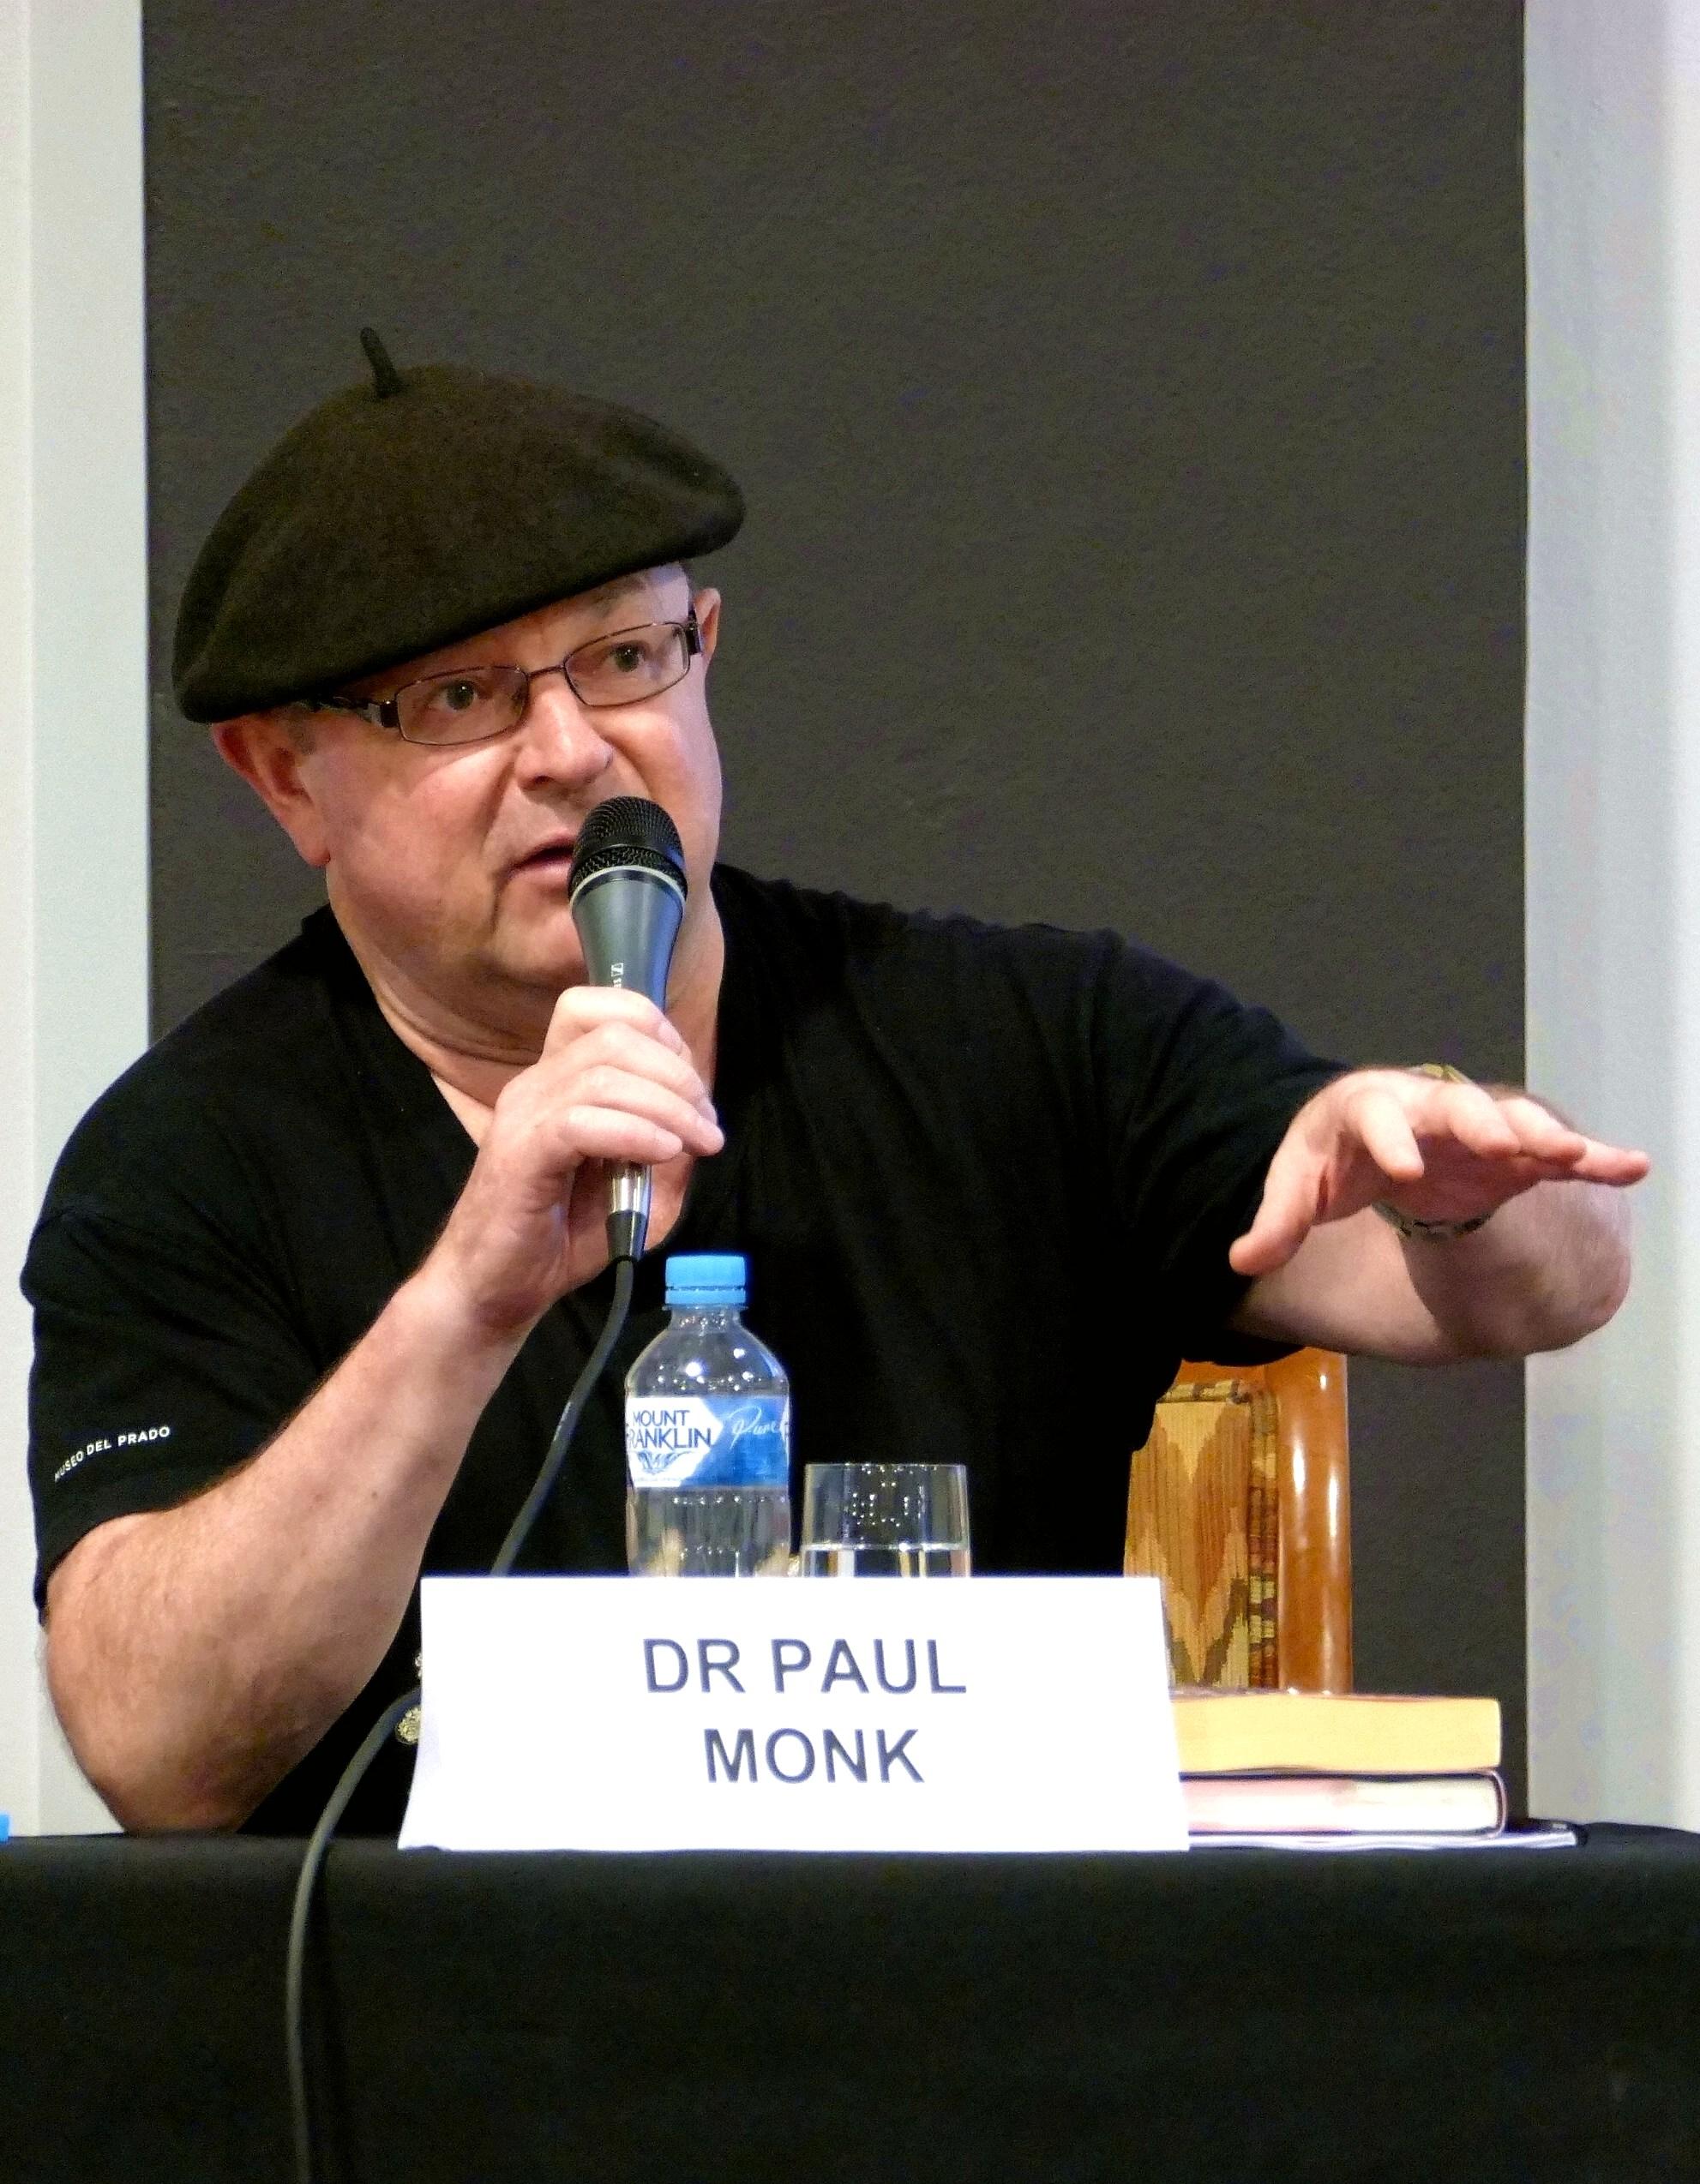 蒙克(Paul Monk)博士表示,外界擔憂的是中共體制而不是中國文化。(安平雅/大紀元)